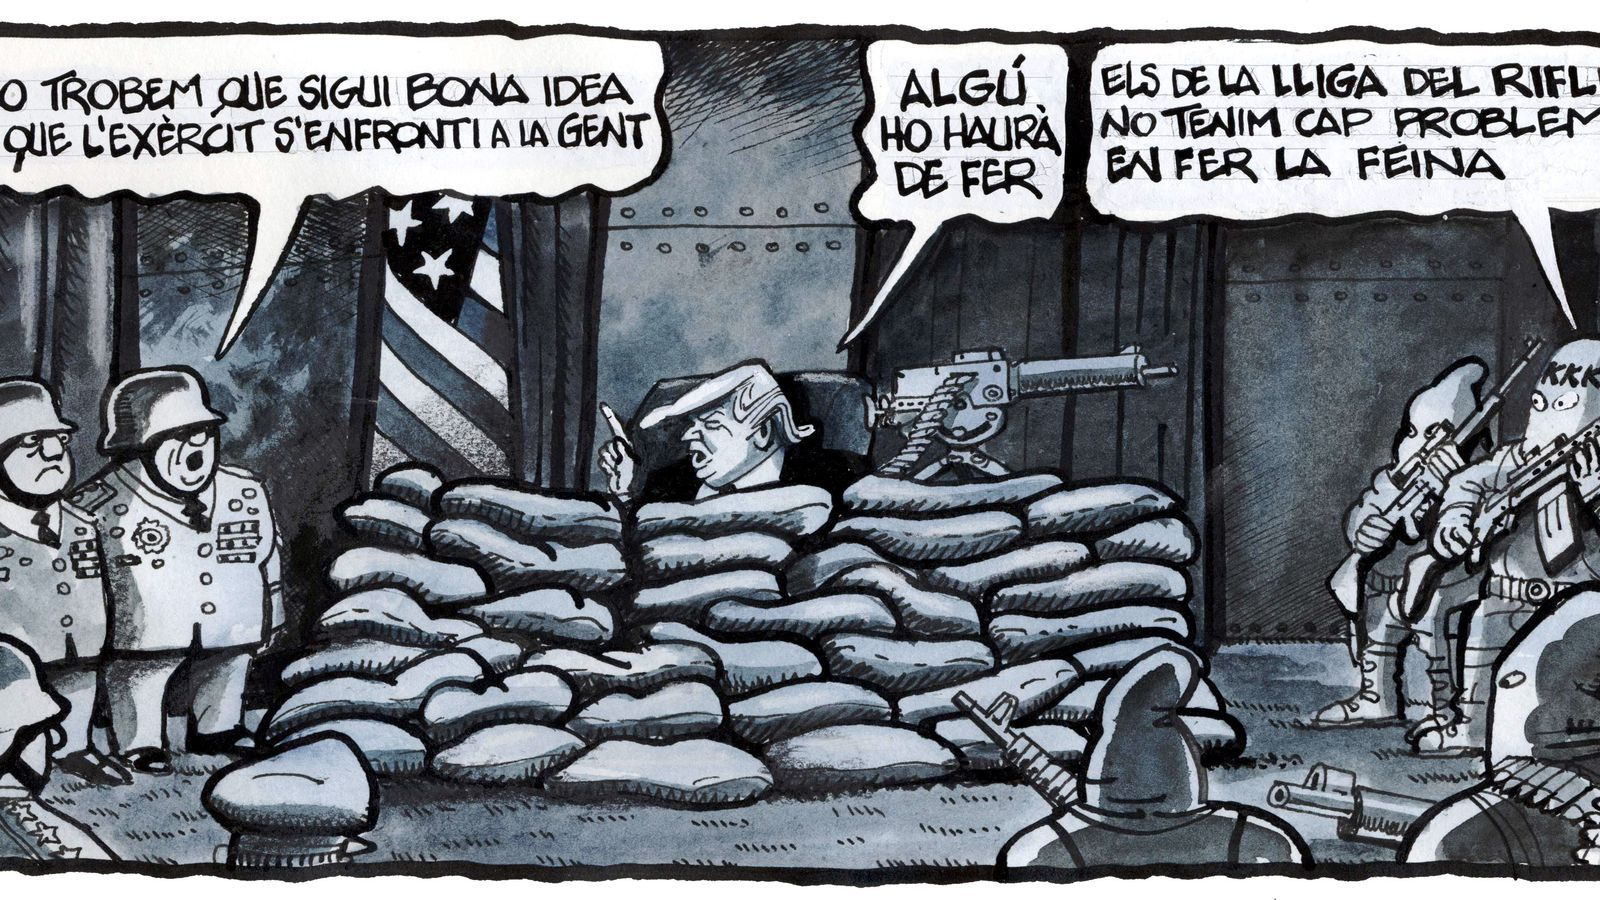 'A la contra', per Ferreres 05/06/2020